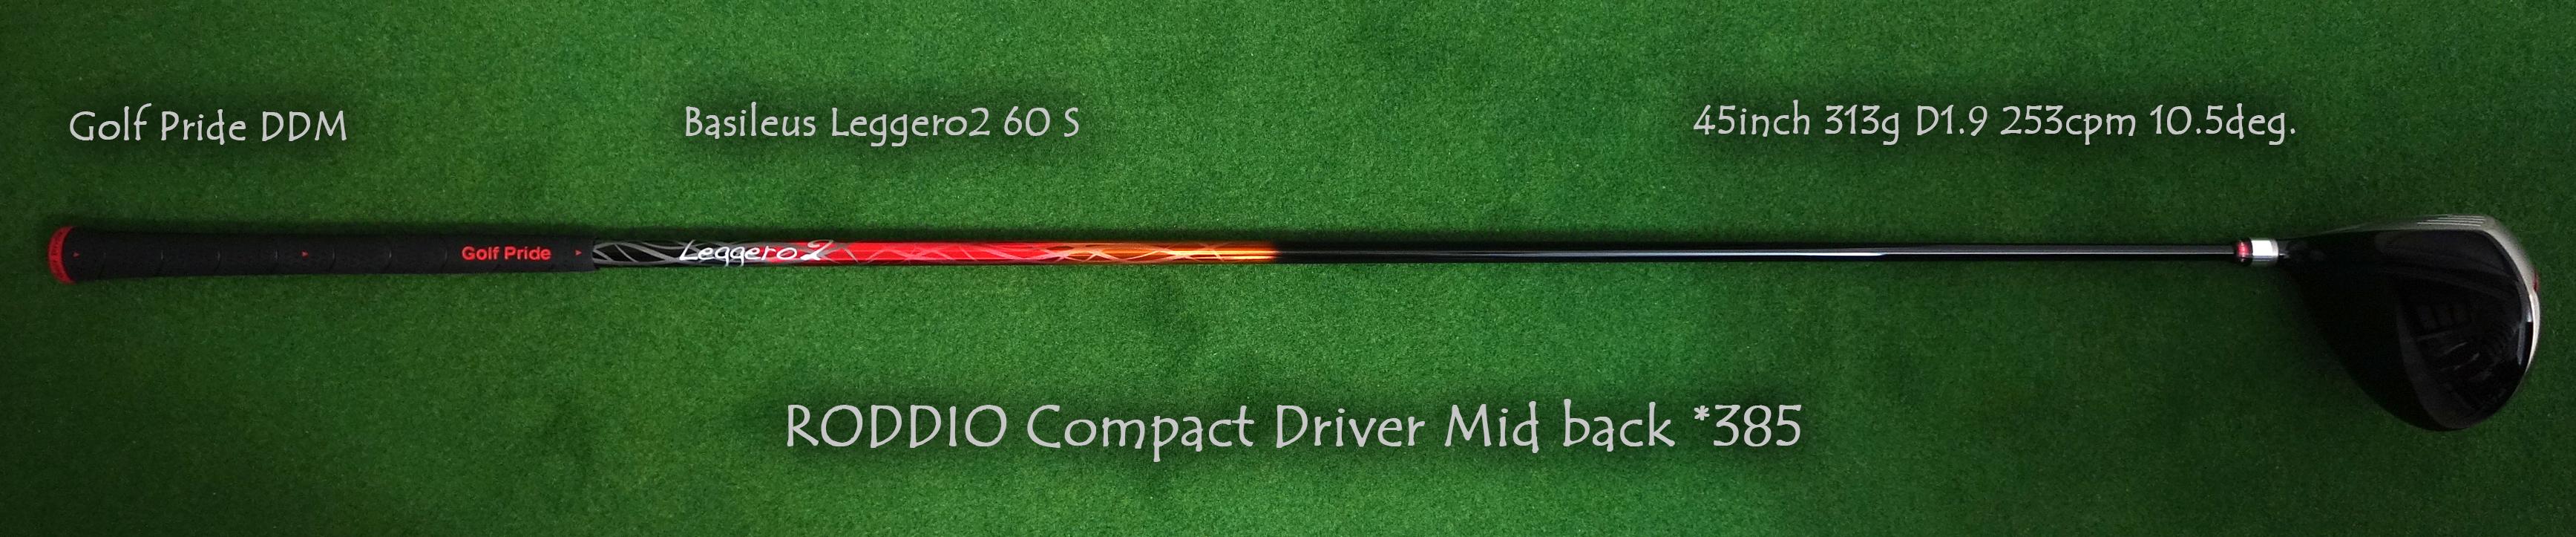 ロッディオ コンパクトドライバー ミッドバック 385S